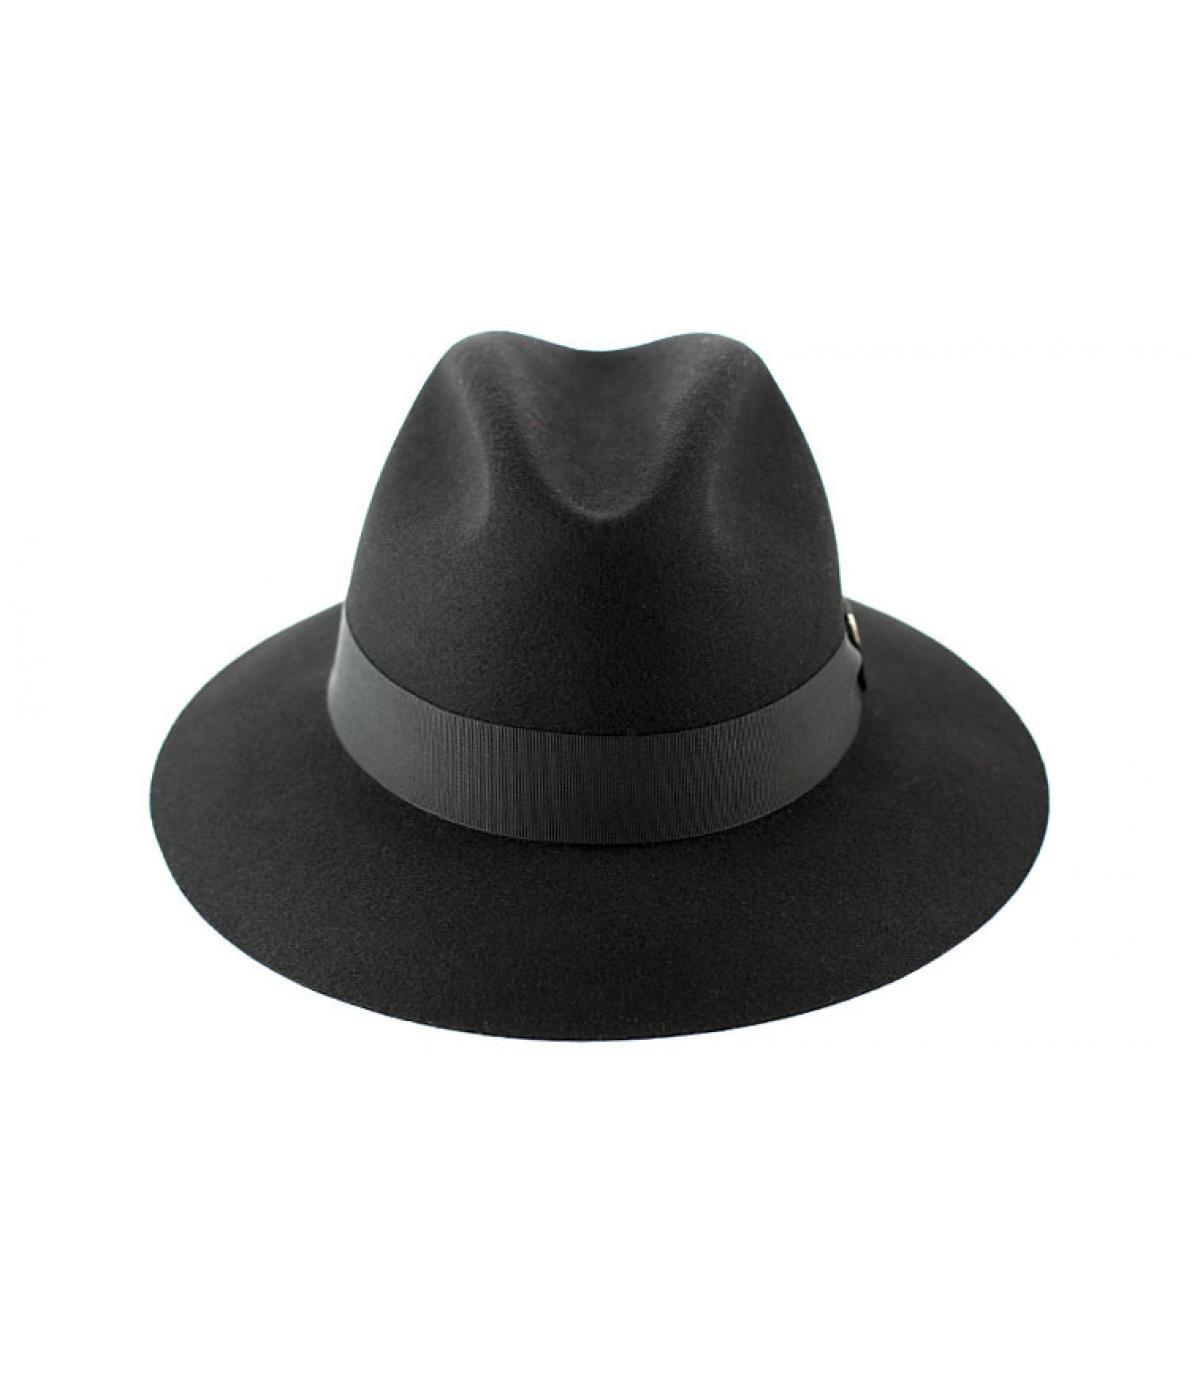 chapeau feutre doria noir chapeau feutre 44l noir par doria. Black Bedroom Furniture Sets. Home Design Ideas